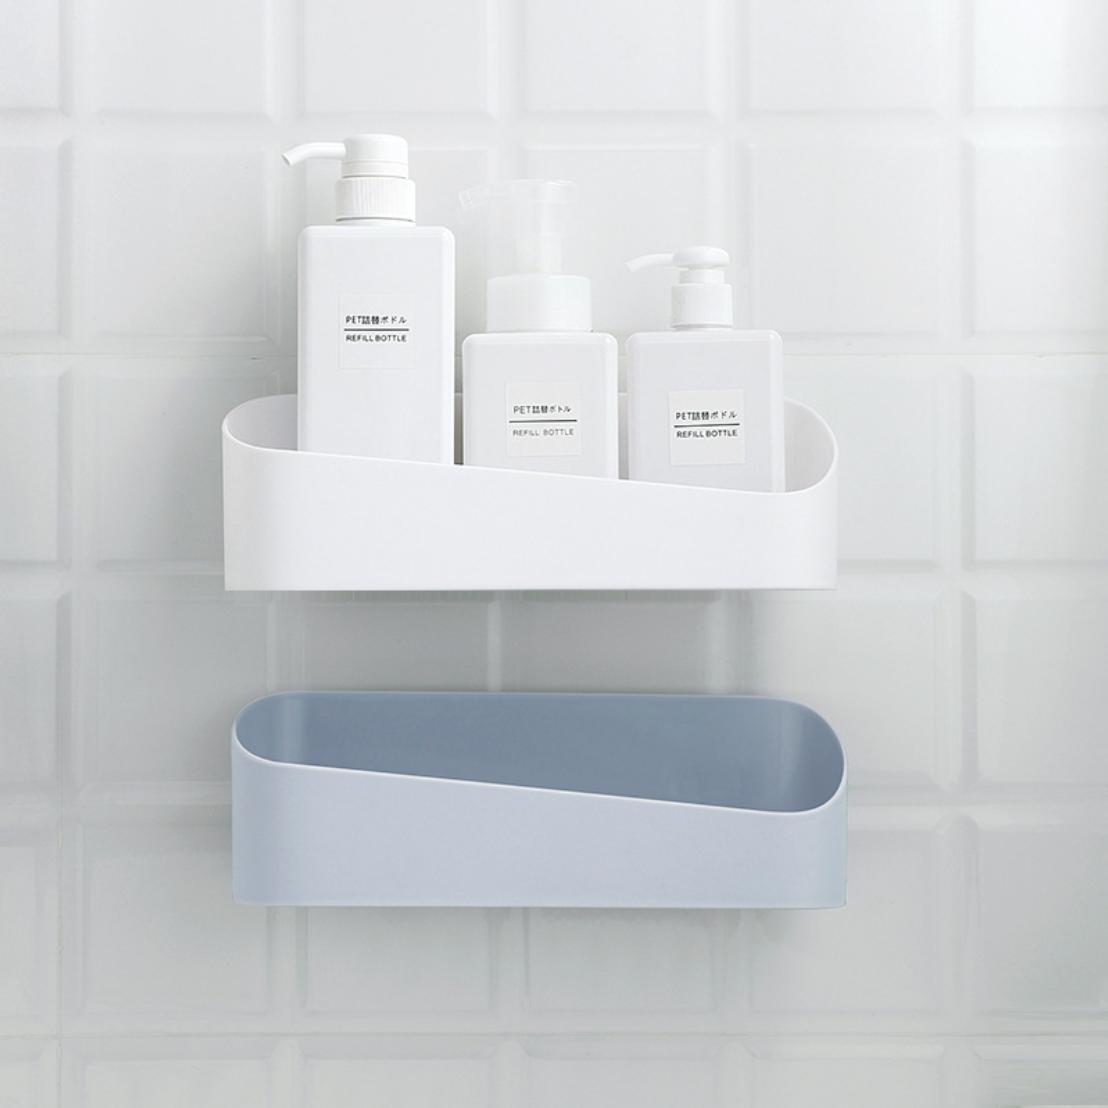 Home Bathroom Corner Wall Storage Organizer Shower Shelf Basket Sucker Rack HOT